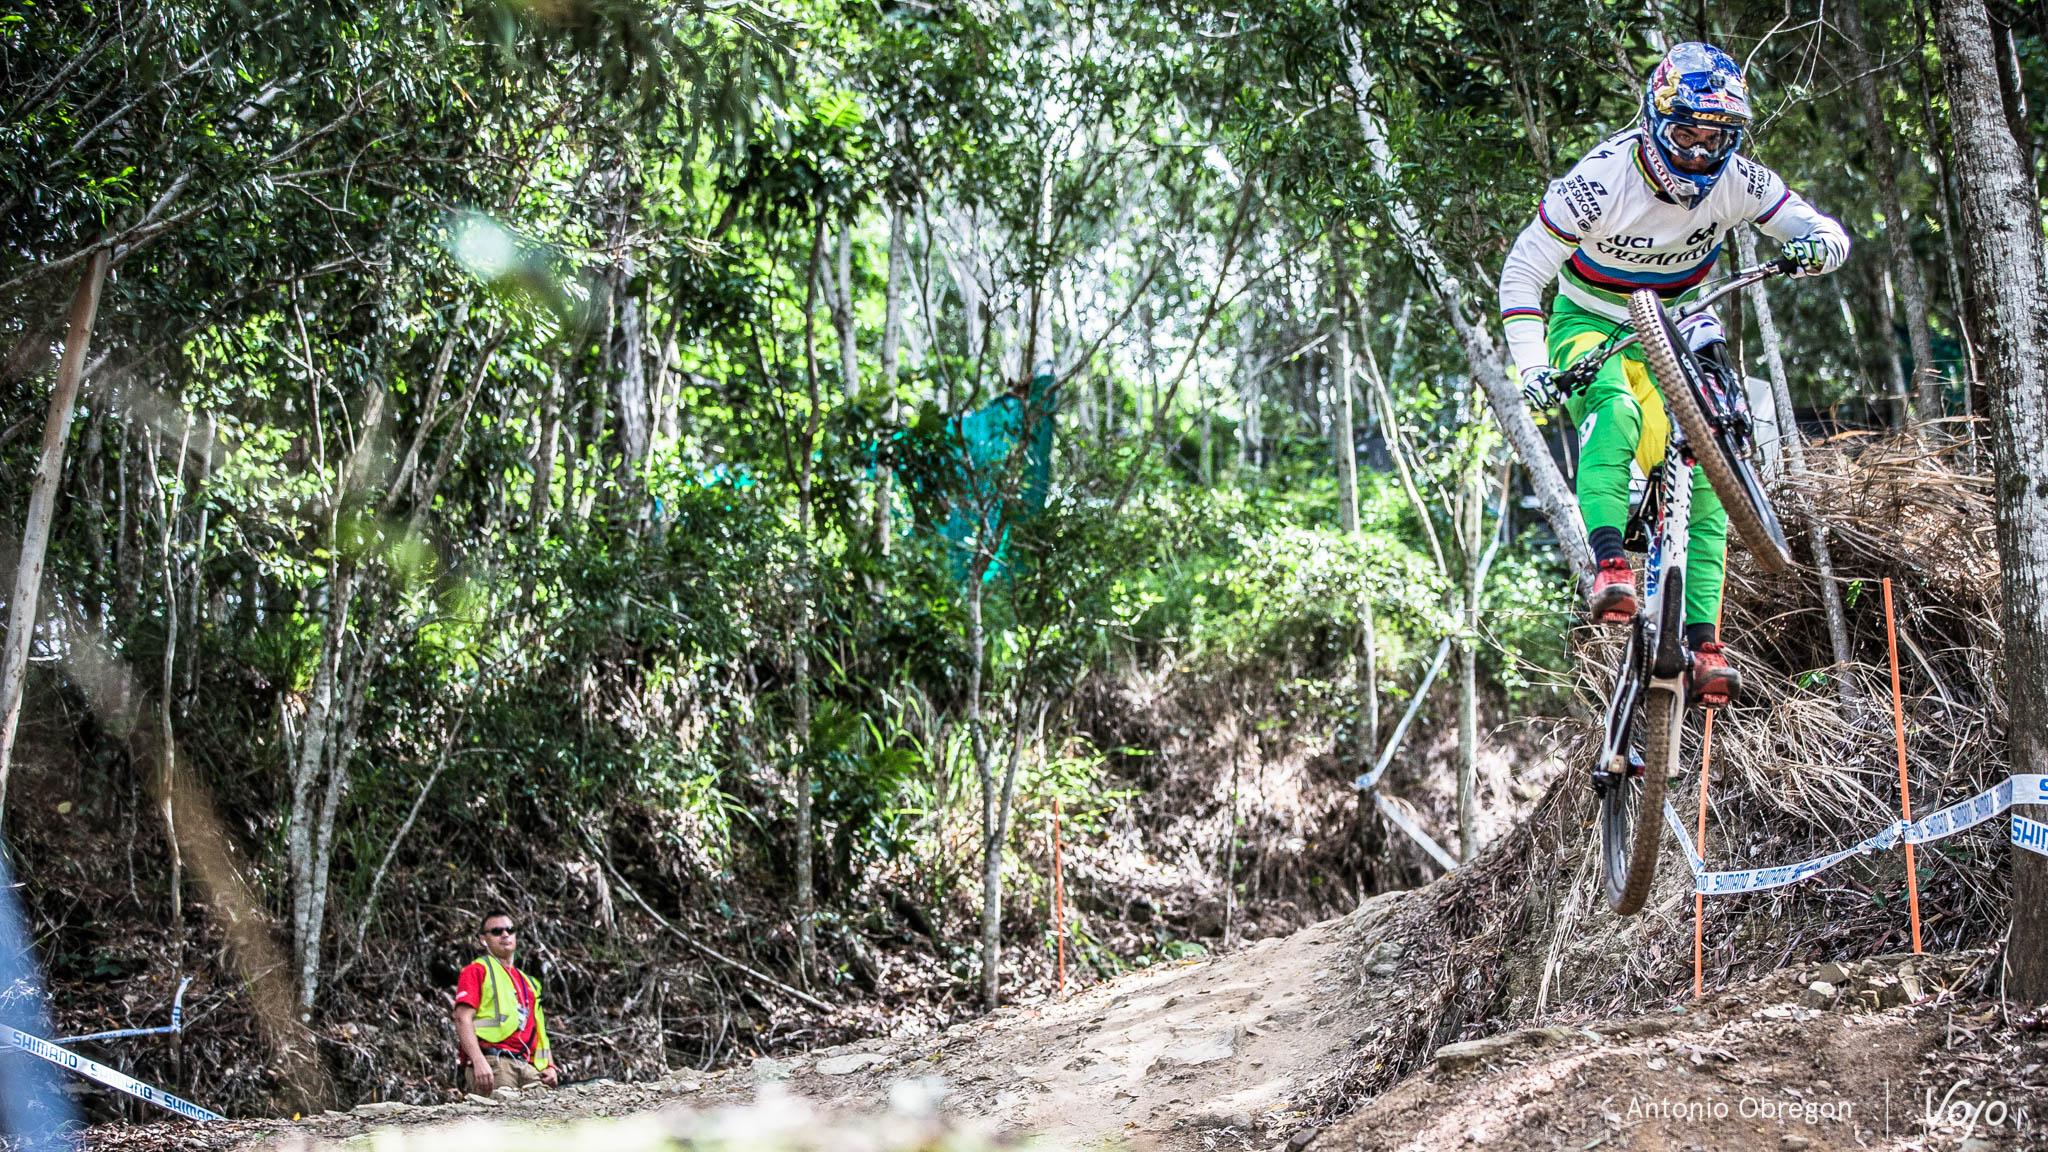 Cairns_2016_Qualif_ME_Bruni_Antonio_Obregon